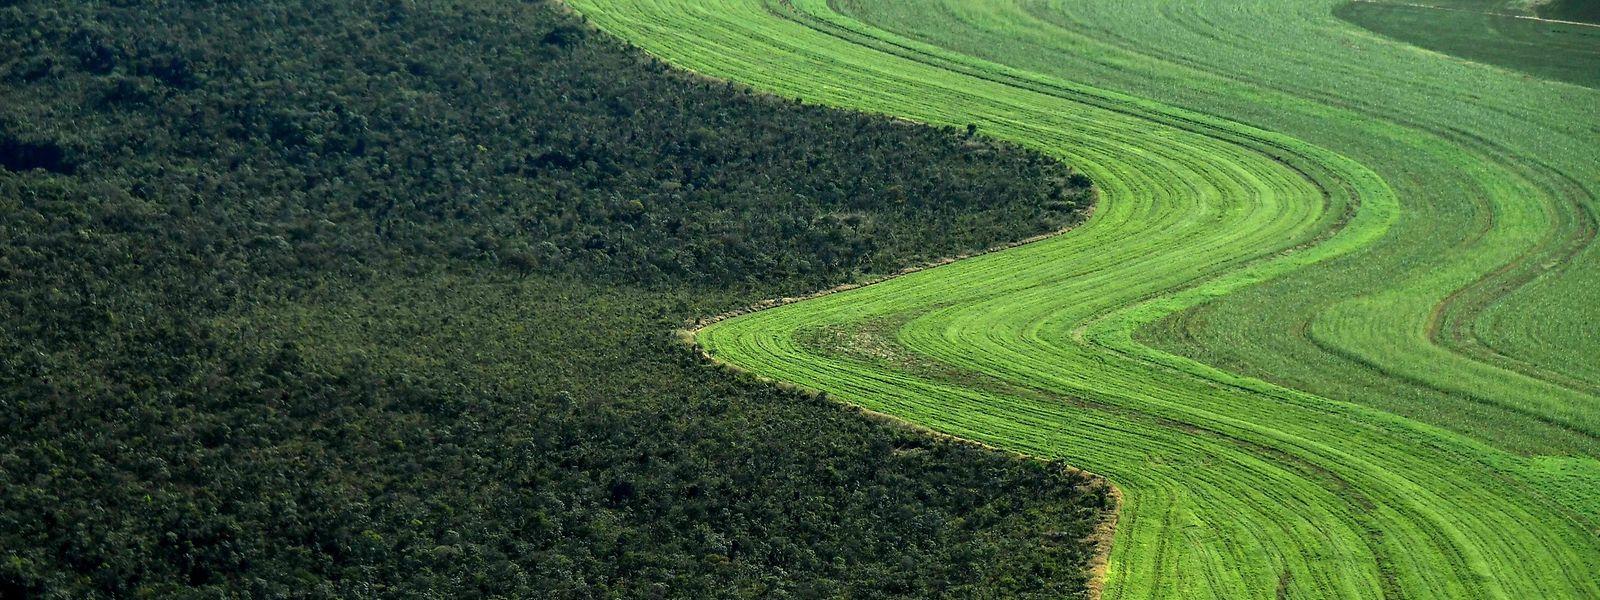 Ein landwirtschaftlich genutztes Feld neben einer Savanne in Rio Preto in Brasilien. Der Weltklimarat fordert mehr Maßnahmen zum Schutz von Wäldern und Mooren.